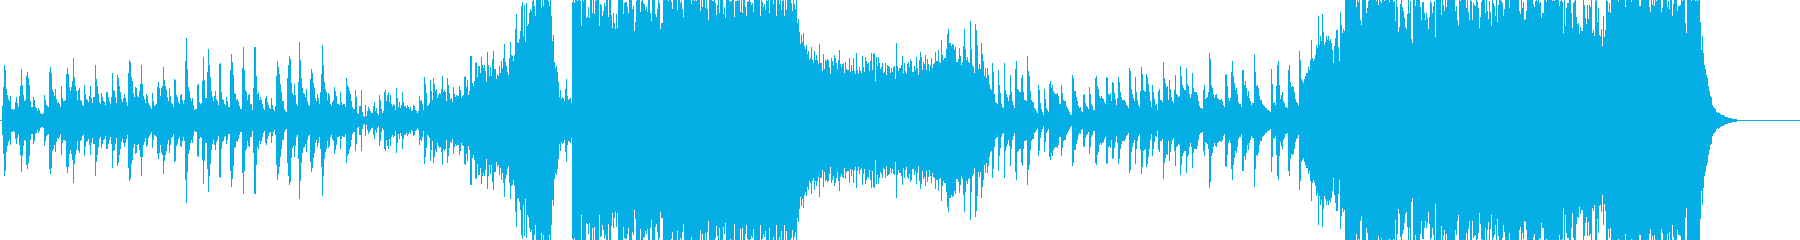 【風色礼賛】和風/オーケストラ/壮大/琴の再生済みの波形